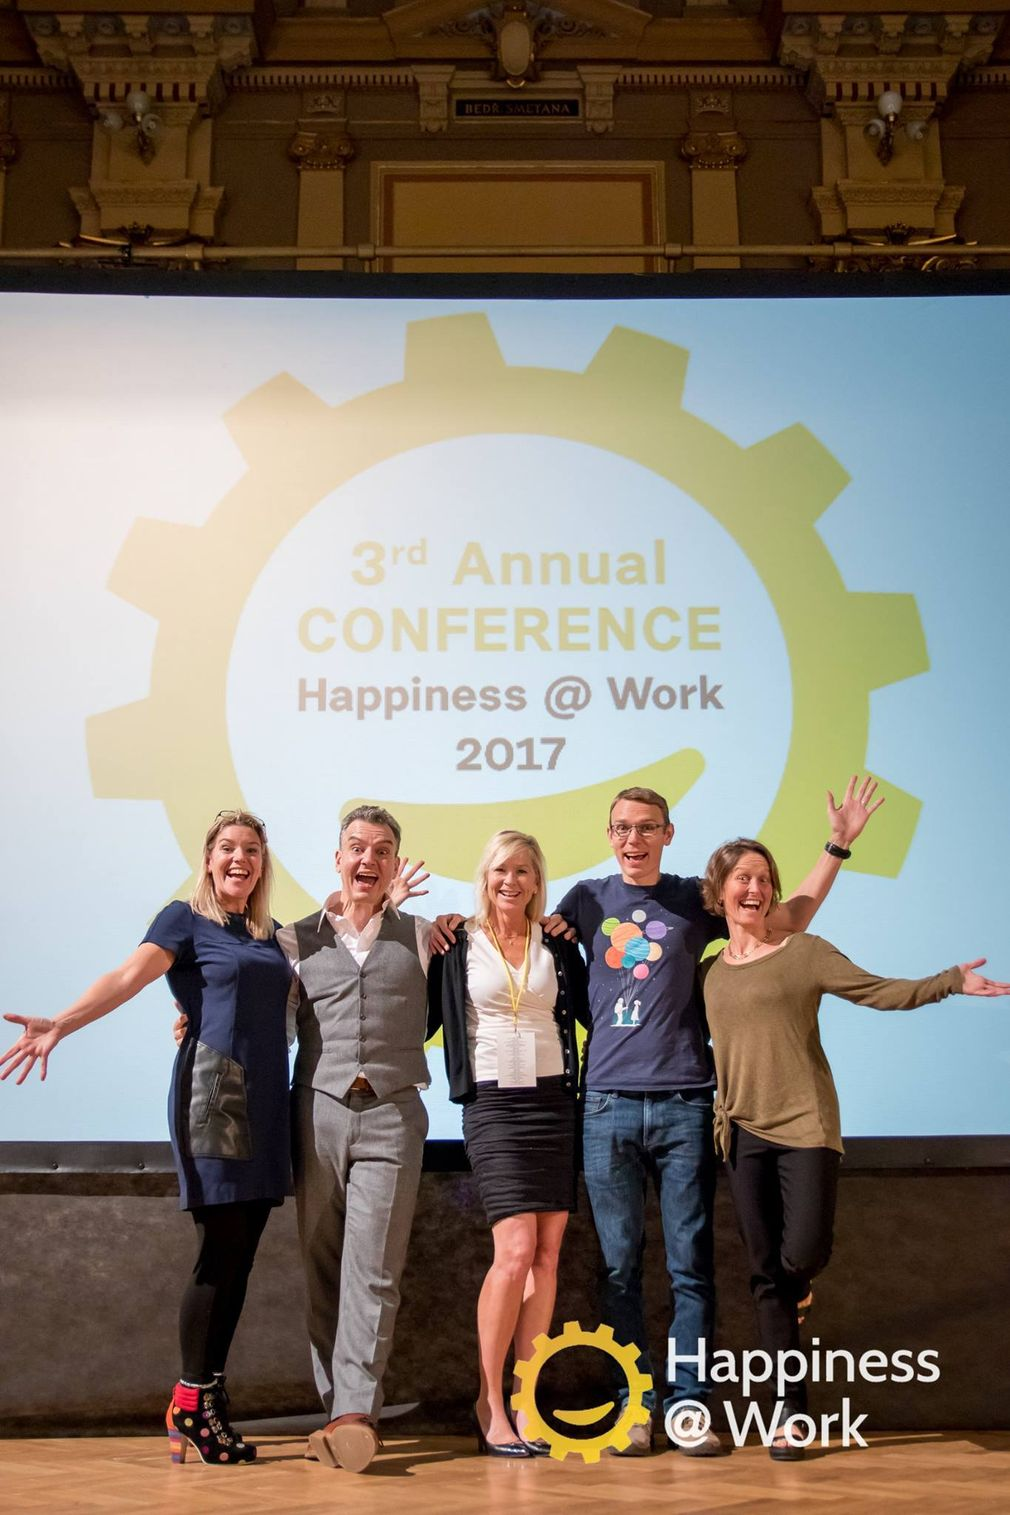 Happiness at work: Štěstí v práci Happiness manager nevytvoří